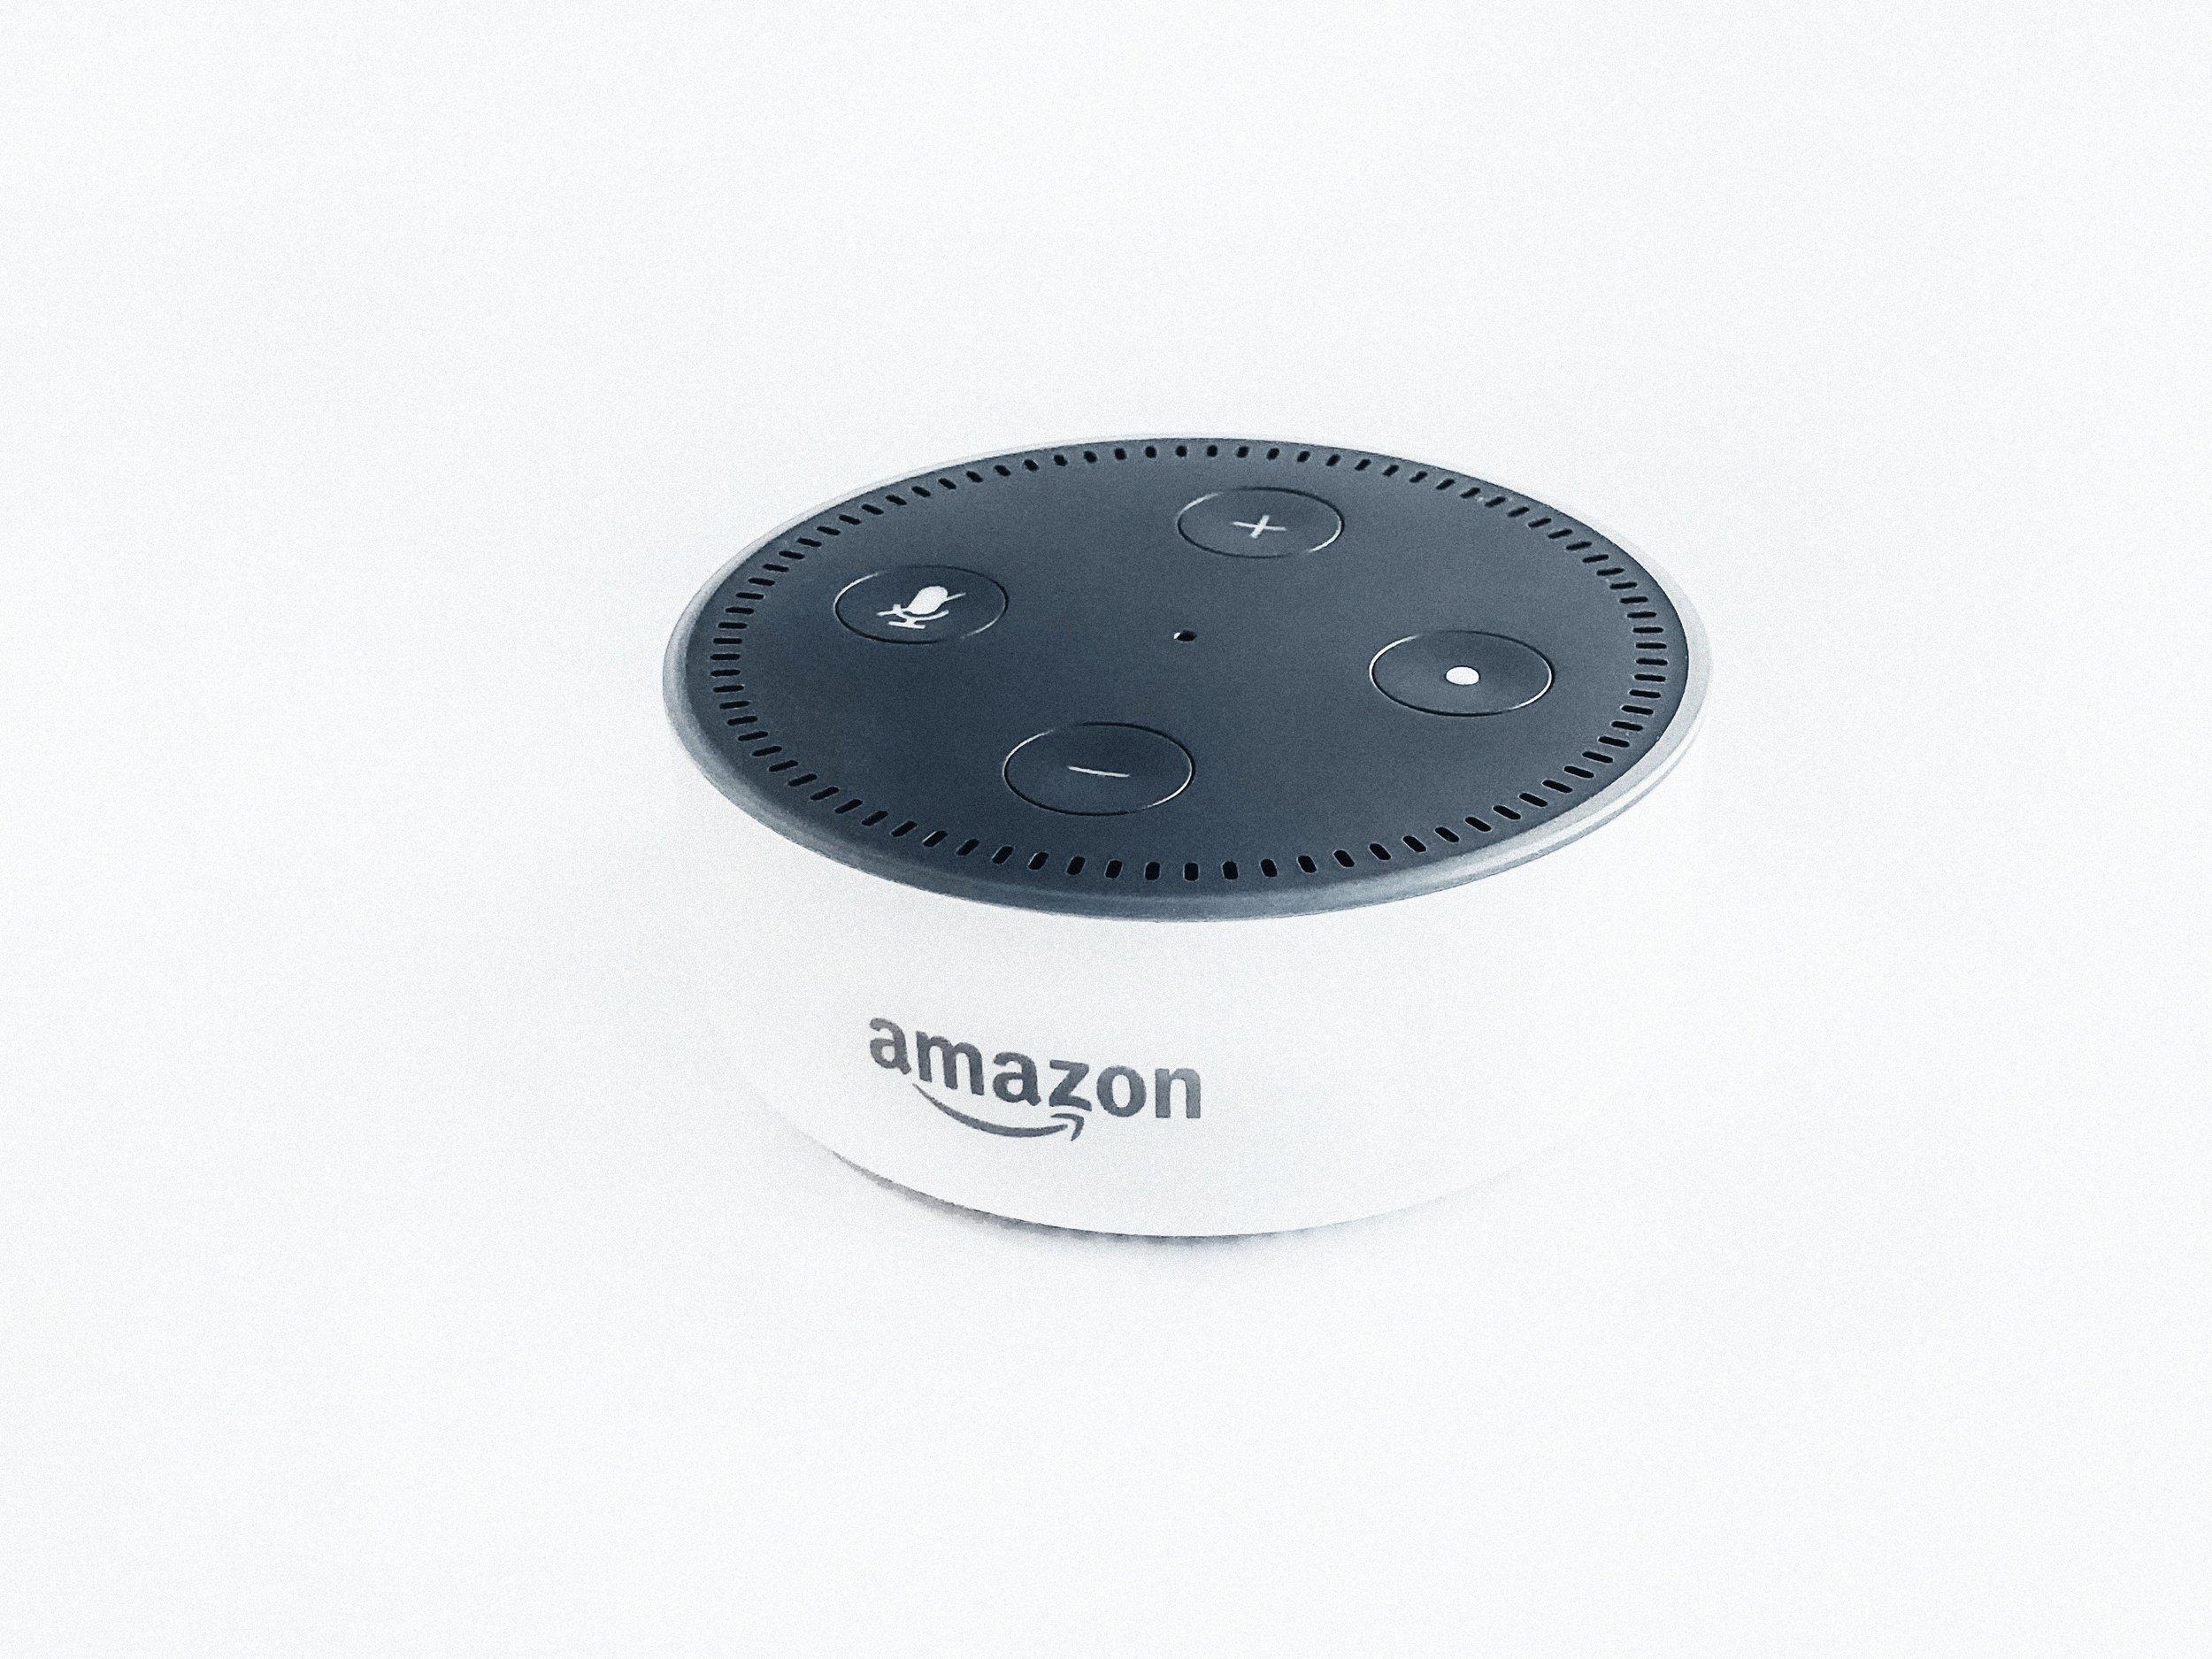 Amazon-Alexa.jpg